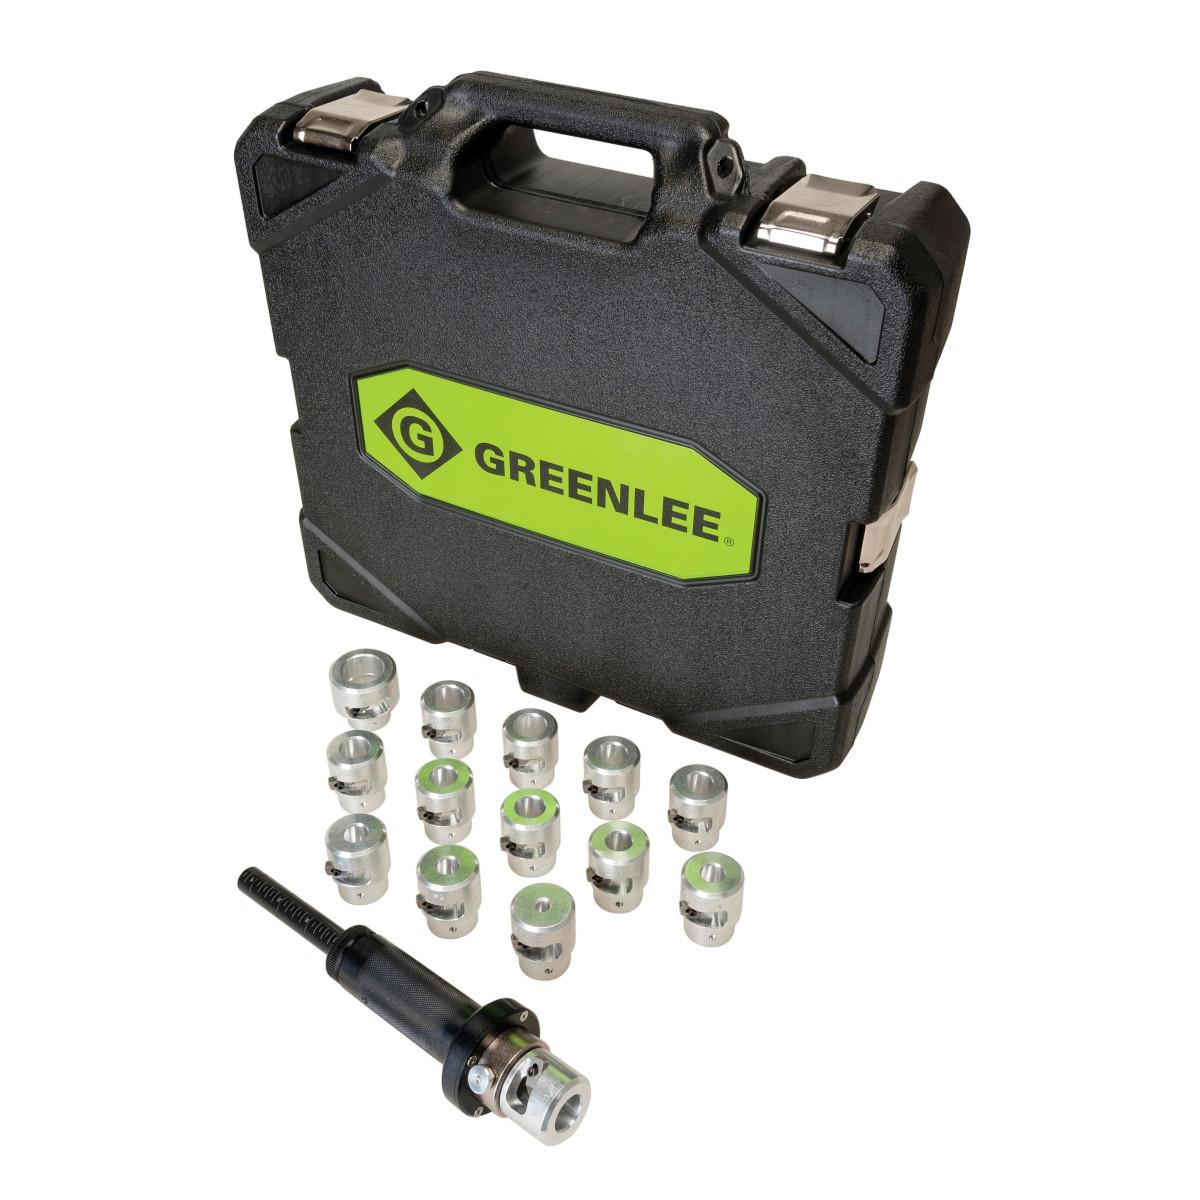 Greenlee GTS-THHN Bushing Kit